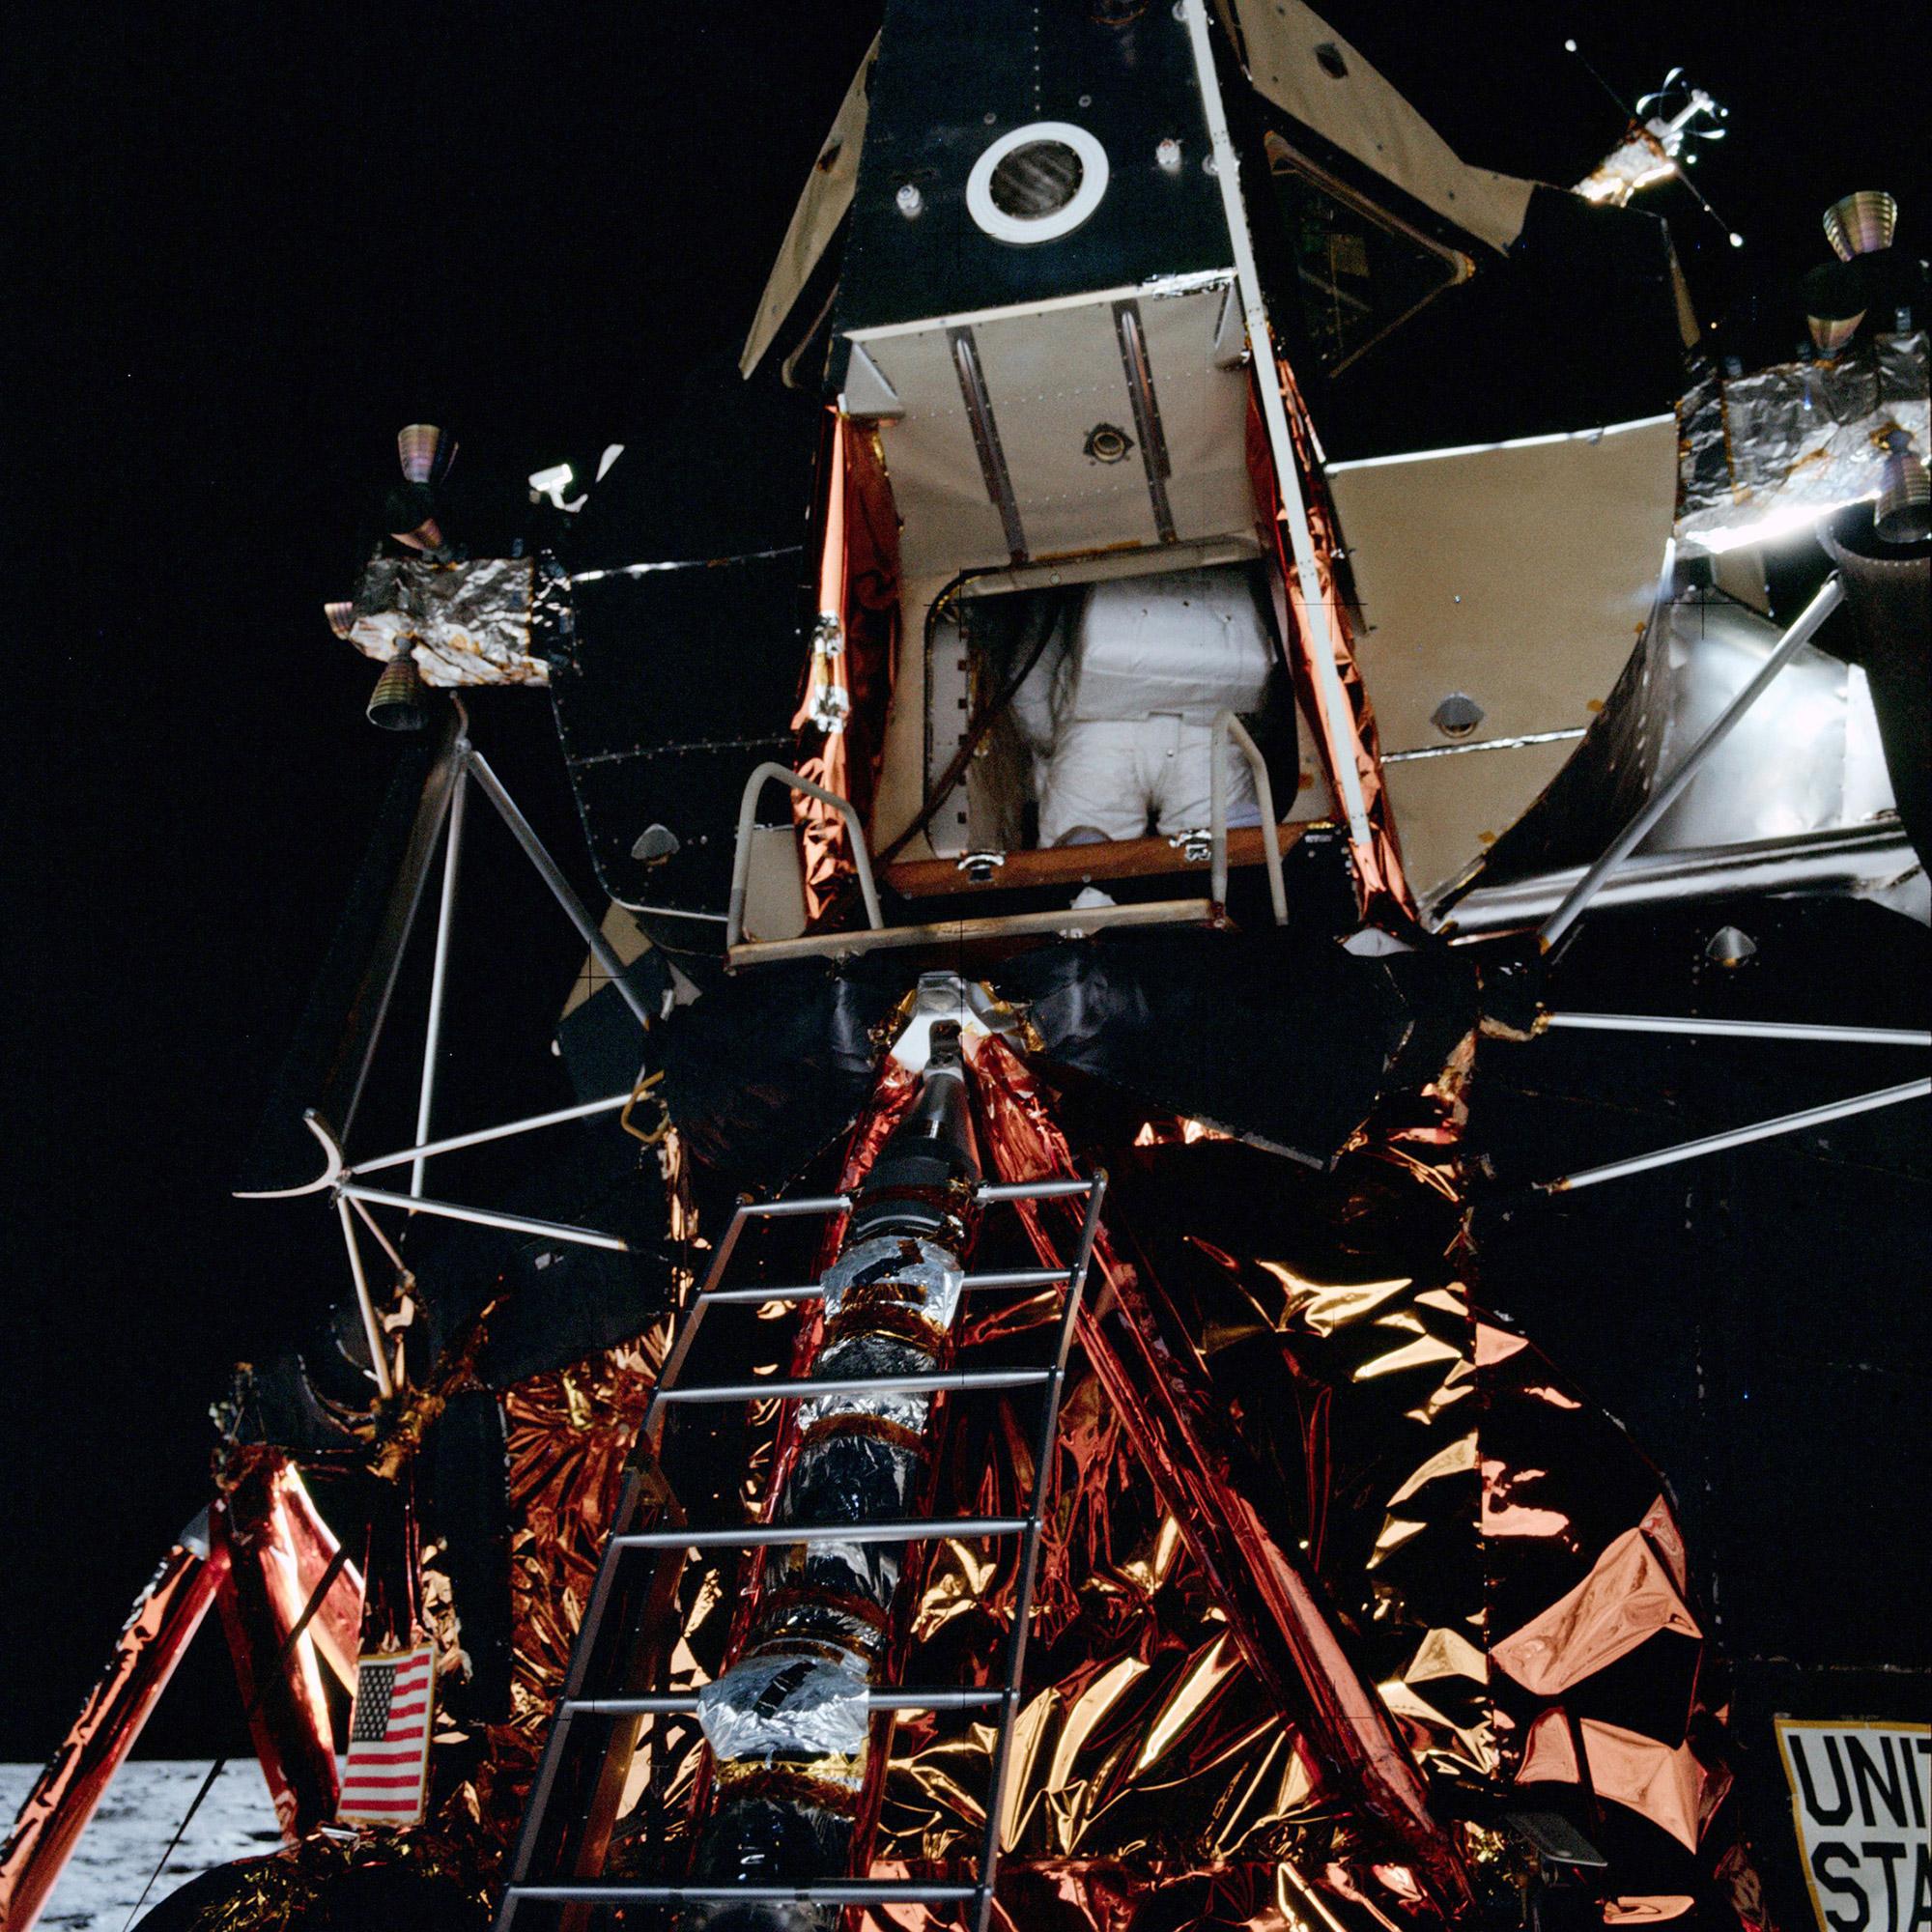 lunar module in space - photo #44